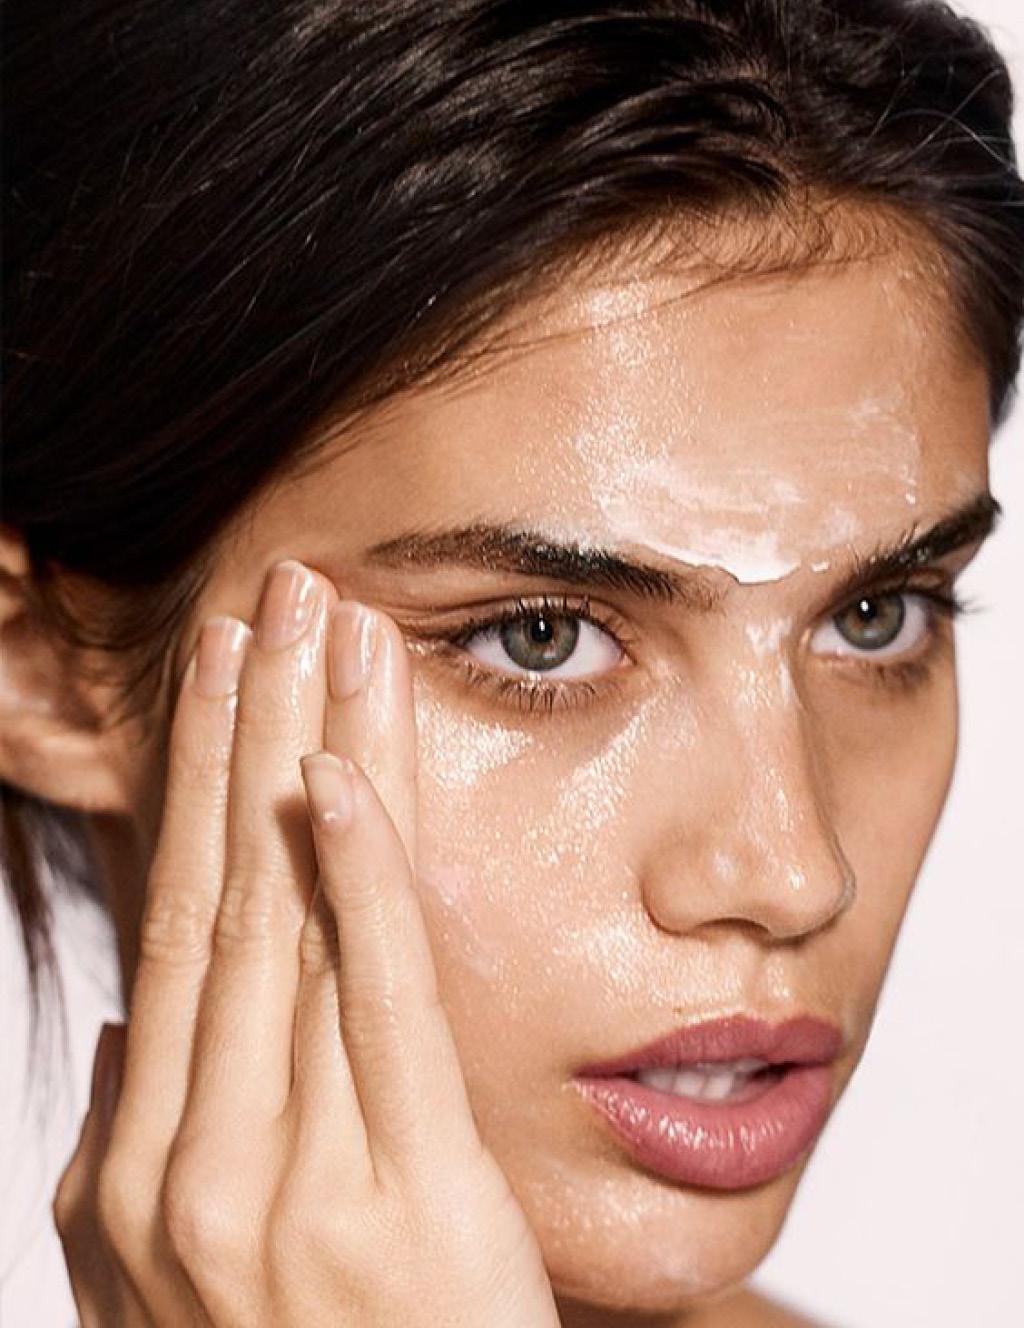 Очищение кожи маслянистыми текстурами